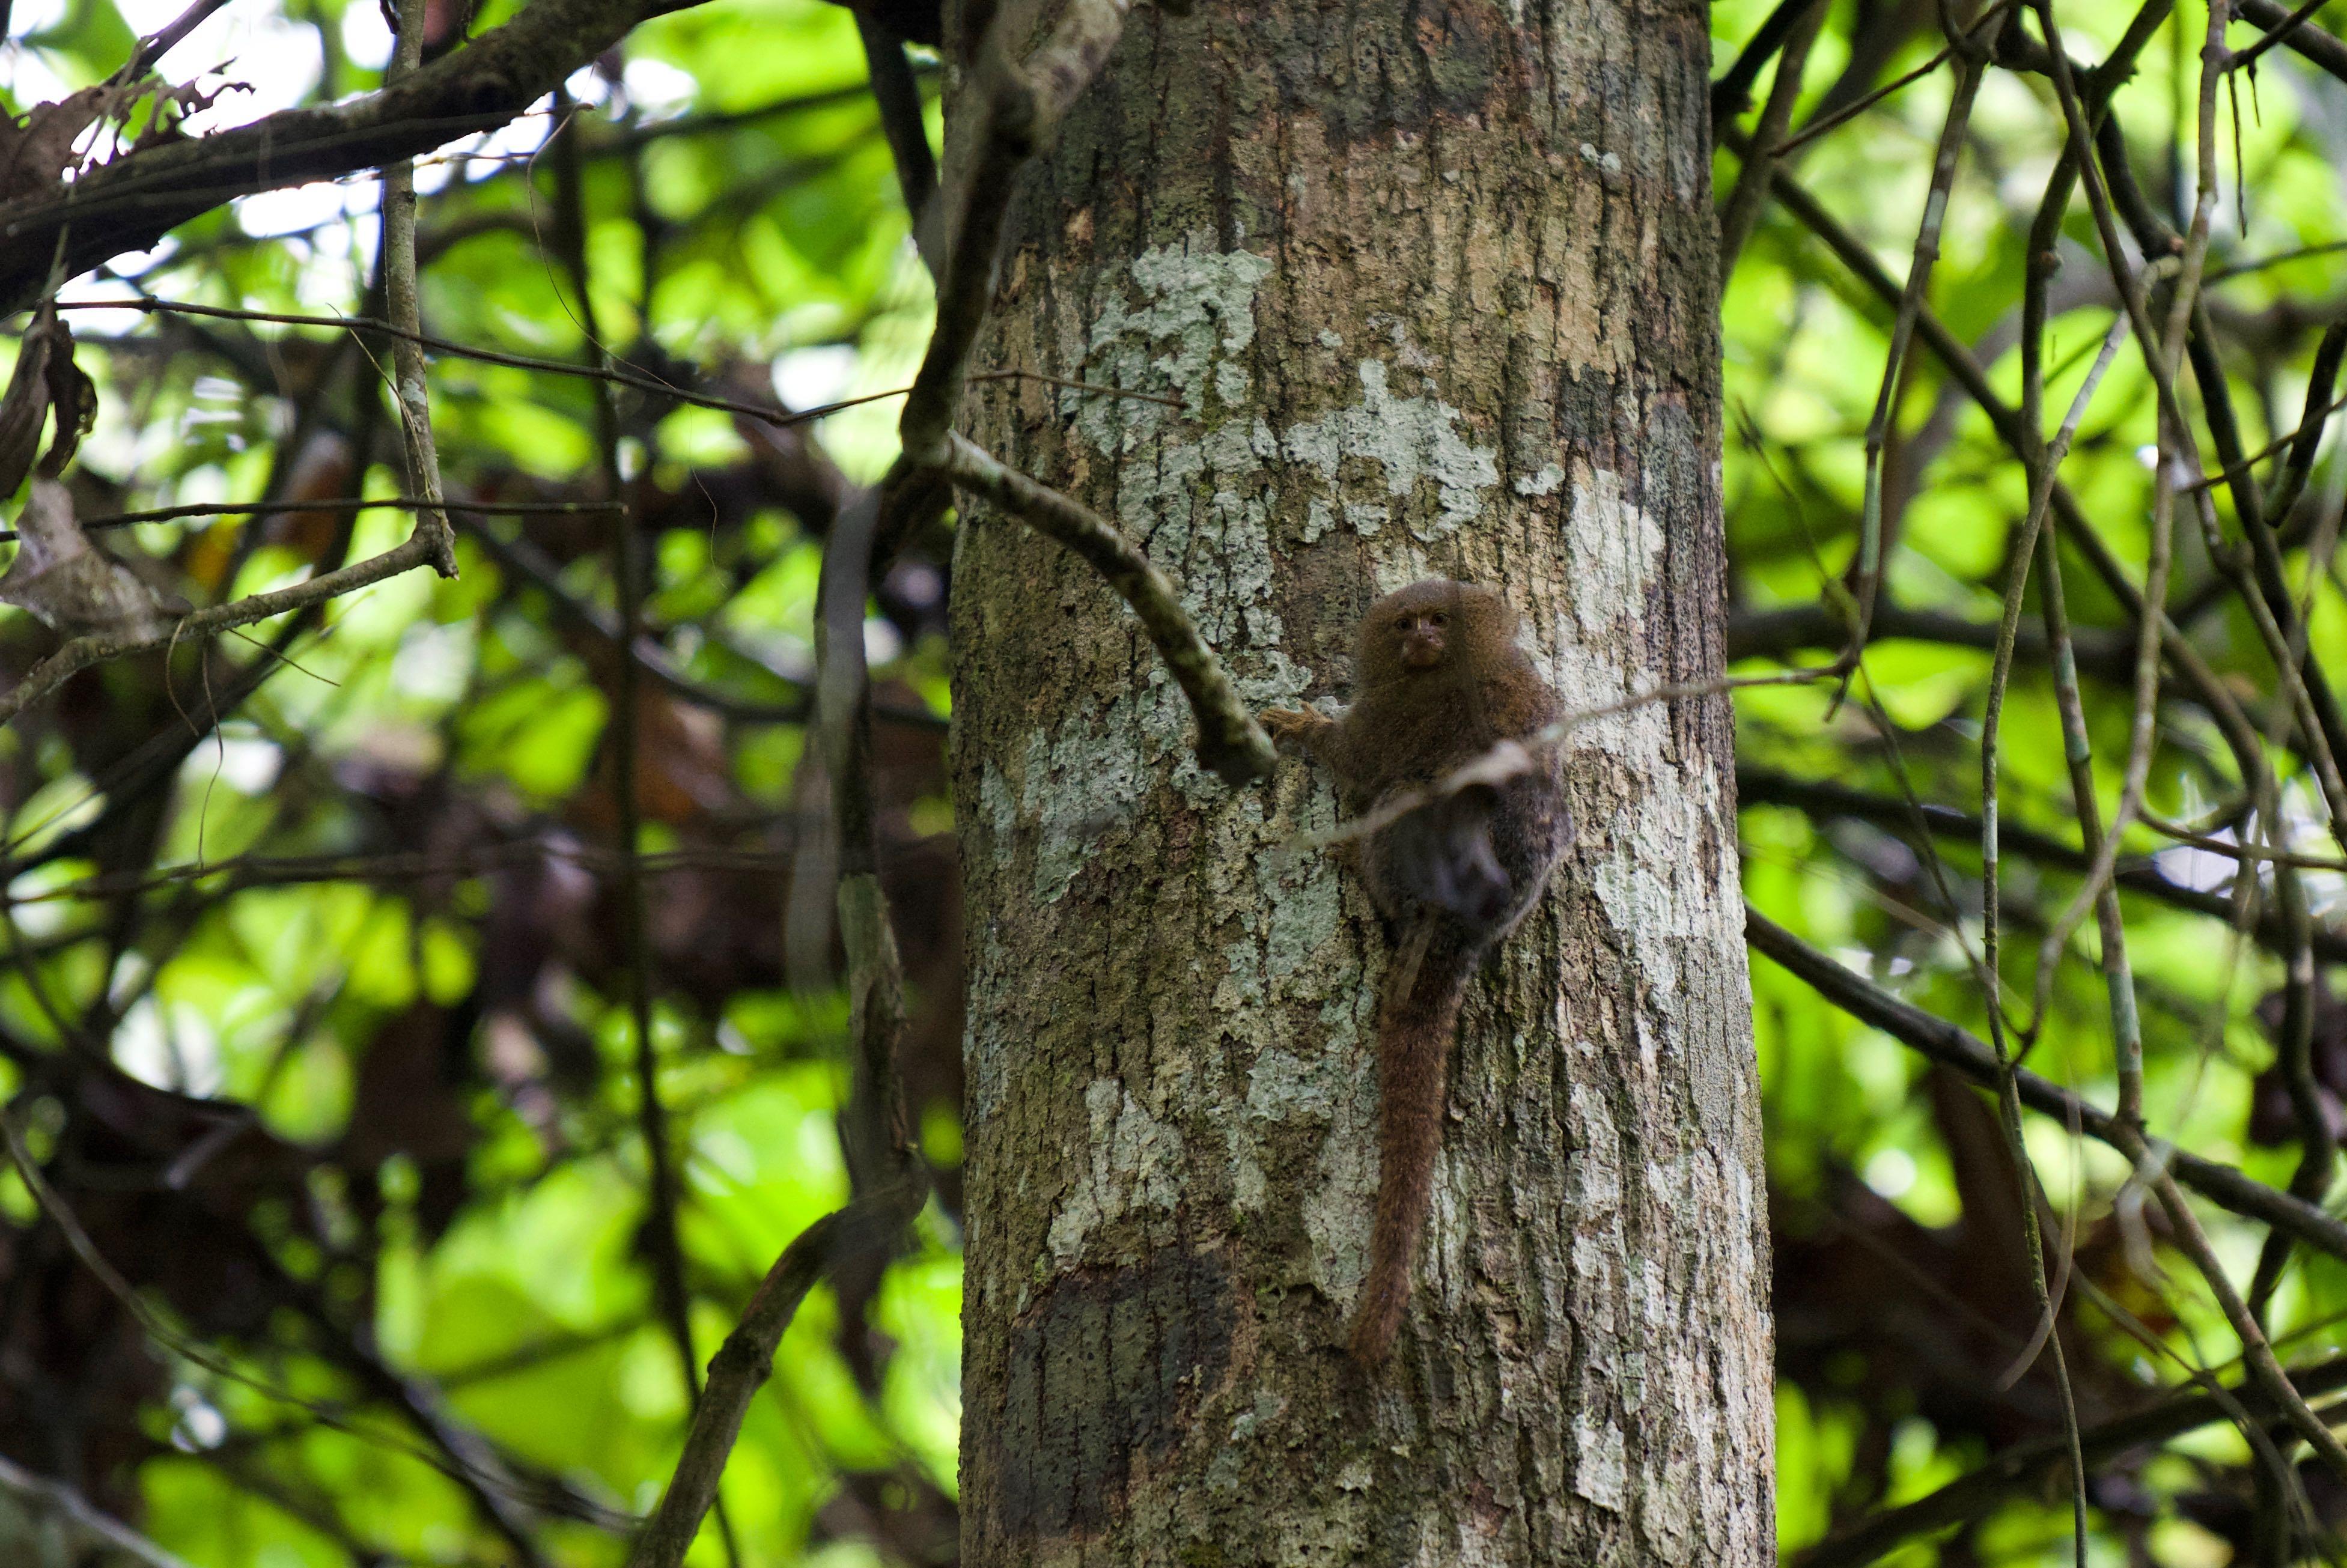 singe pygmée : 150g le plus petit singe